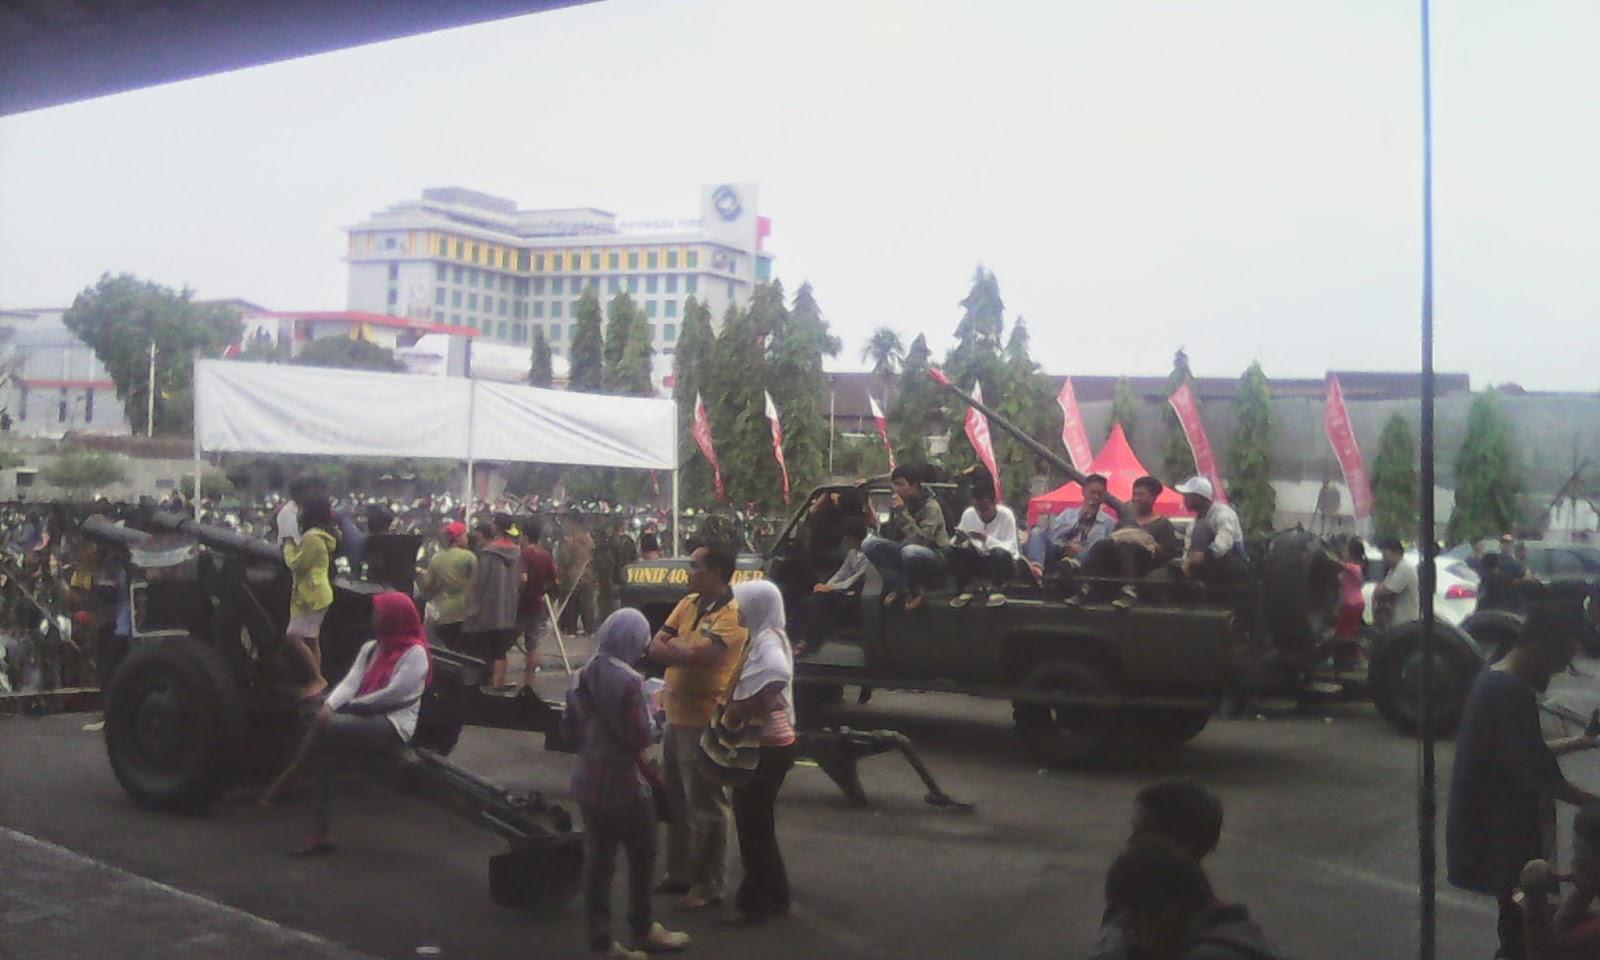 Meriam dan panser di stand militer Pekan raya Magelang 2014